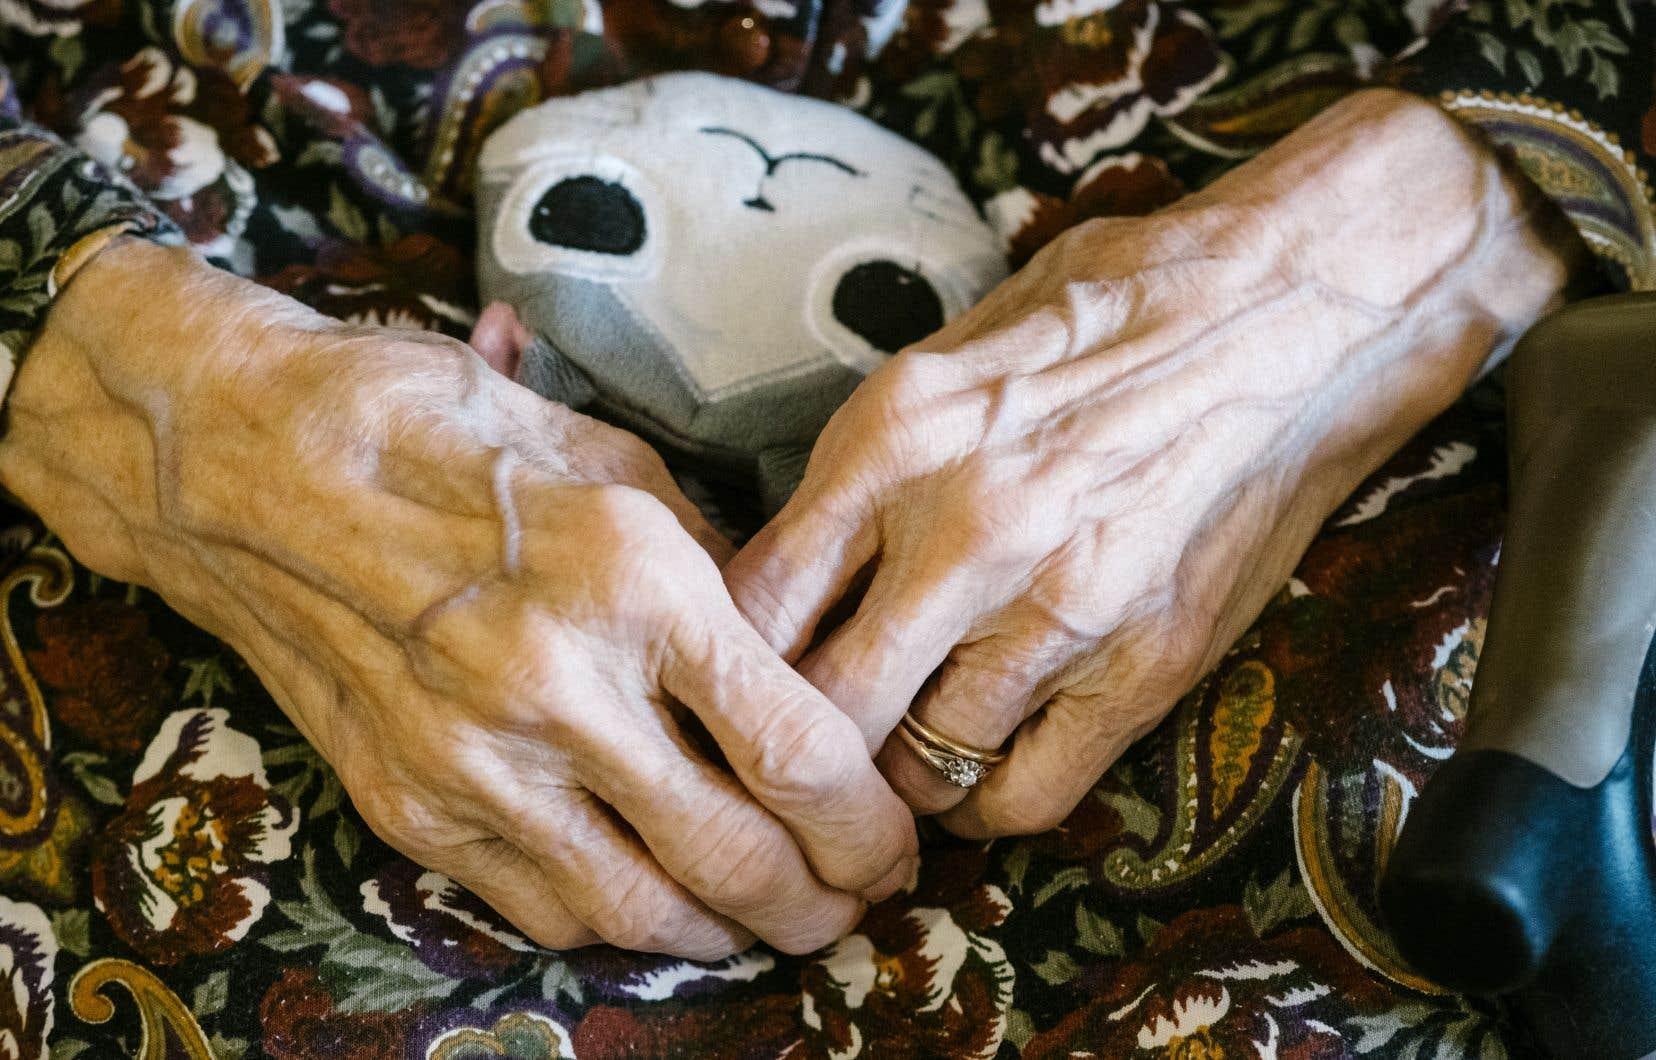 Les propriétaires de résidences pour personnes âgées s'inquiètent de la détresse psychologique de leurs locataires.